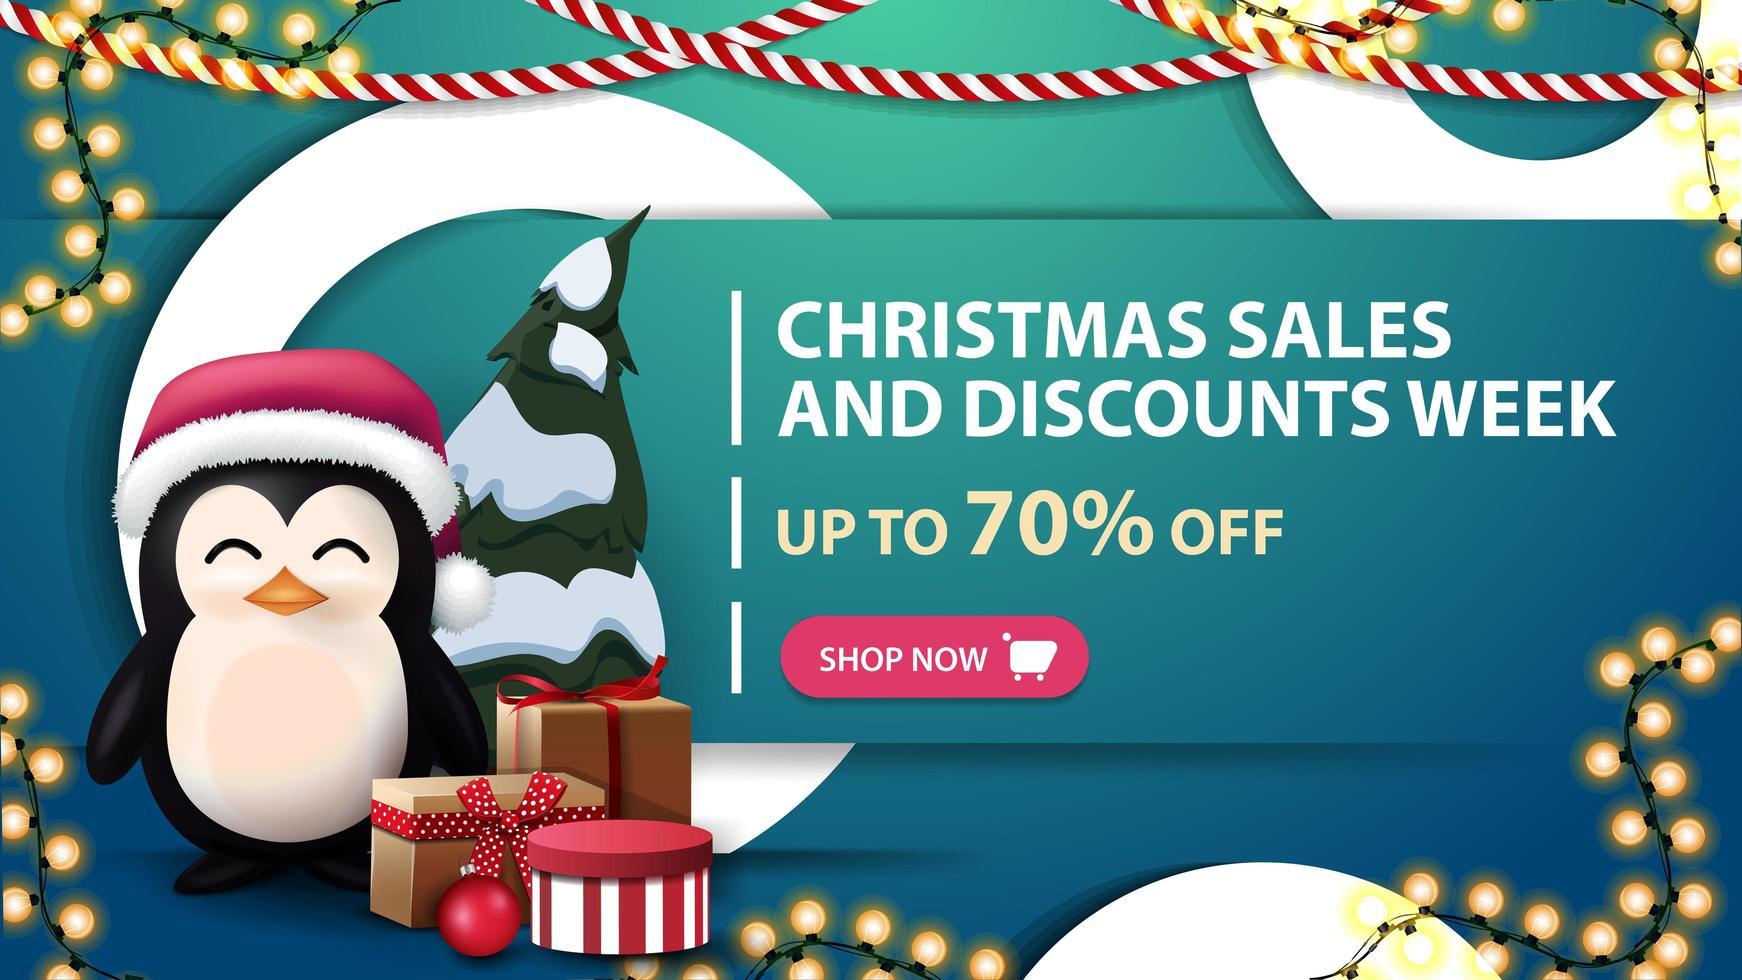 soldes de Noël et semaine de rabais, jusqu'à 70 rabais, bannière de réduction bleue avec anneaux décoratifs blancs, guirlandes et pingouin en chapeau de père Noël avec des cadeaux vecteur